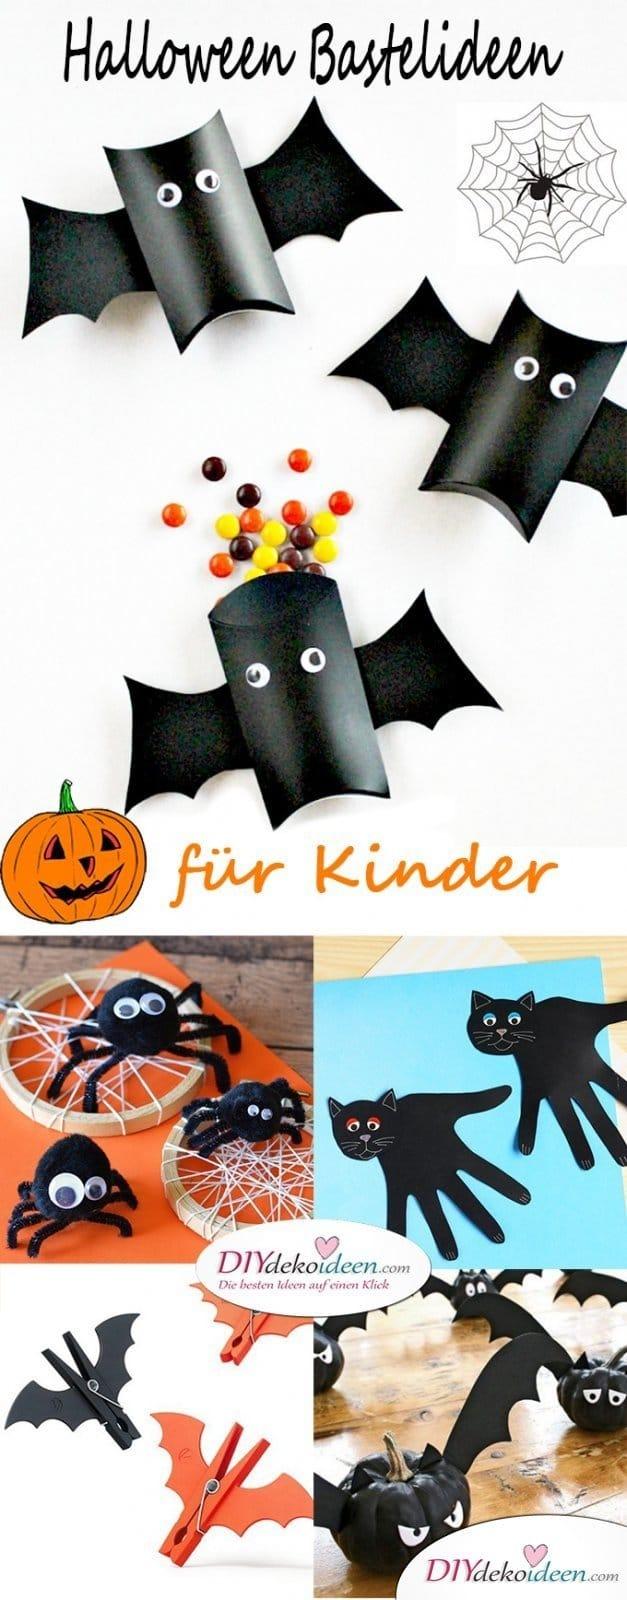 Halloween Basteln Einfach.Halloween Bastelideen Fur Kinder Diy Bastelideen Fur Die Ganze Familie